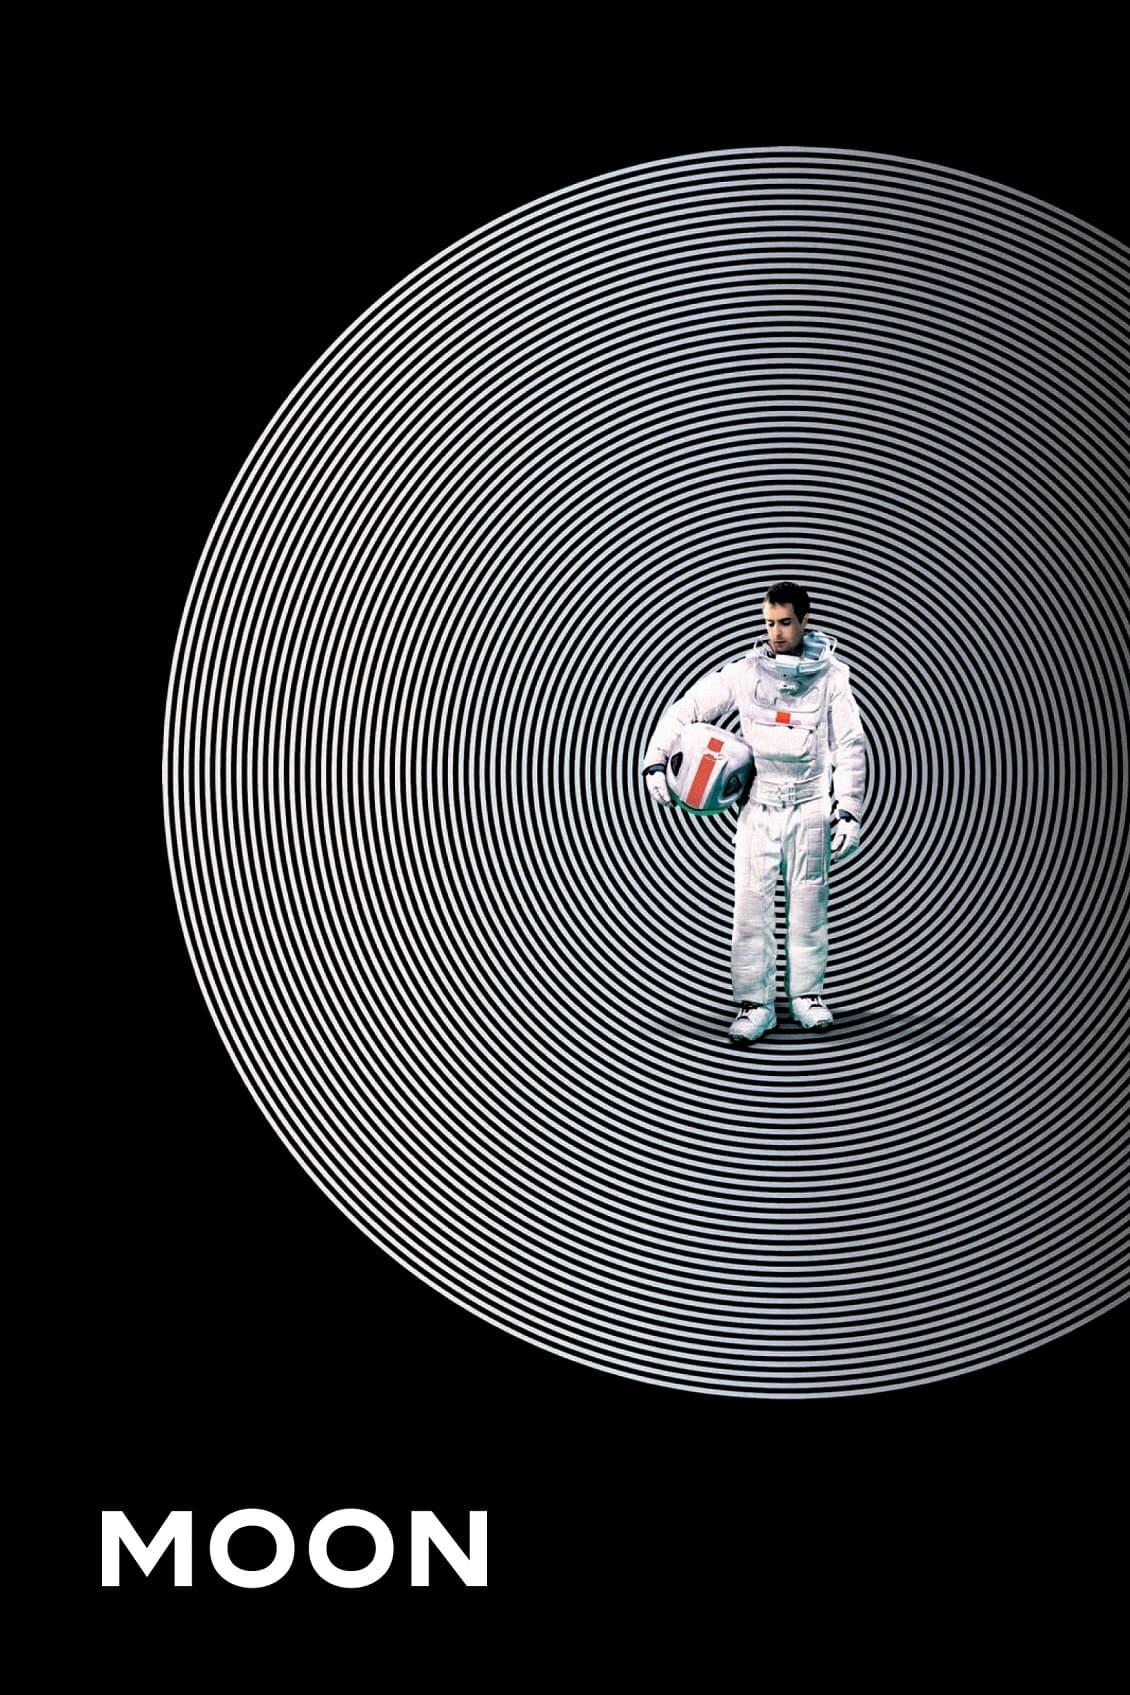 Moon - O Outro Lado da Lua